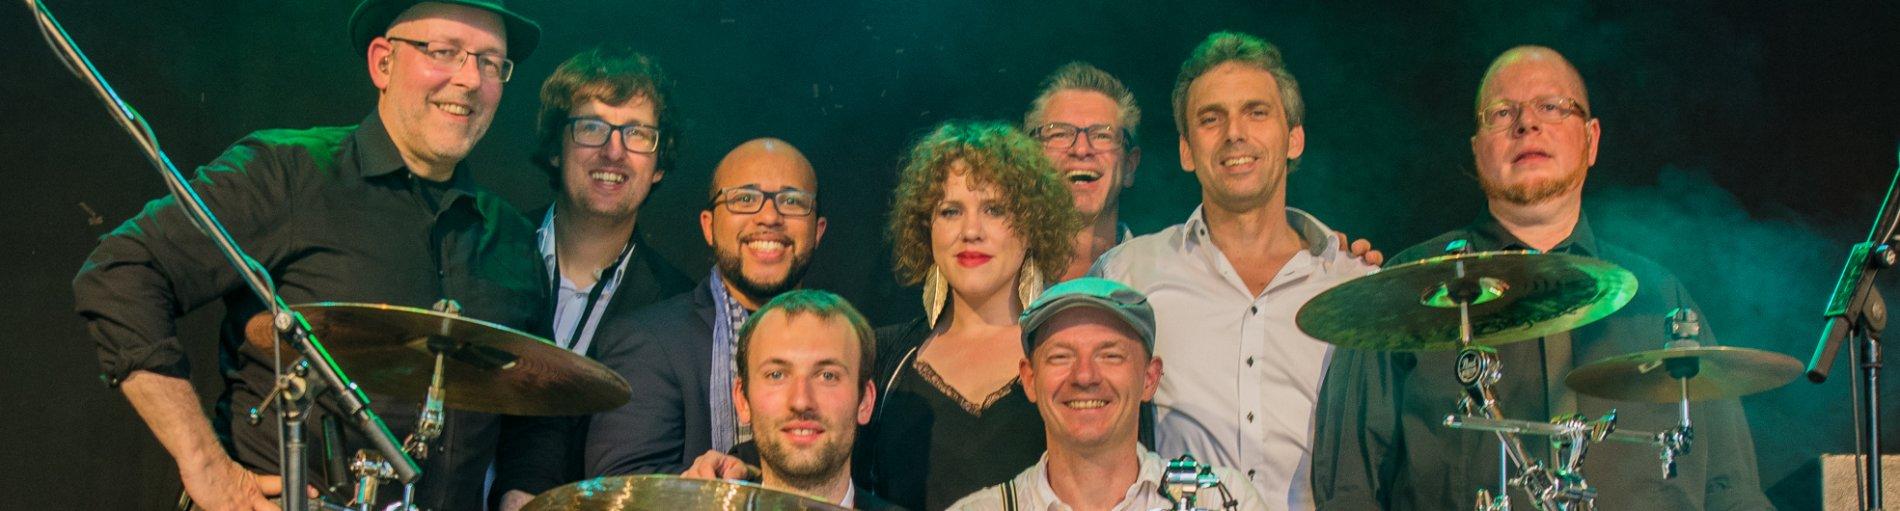 Die Band Flying Soul Toasters auf der Bühne.